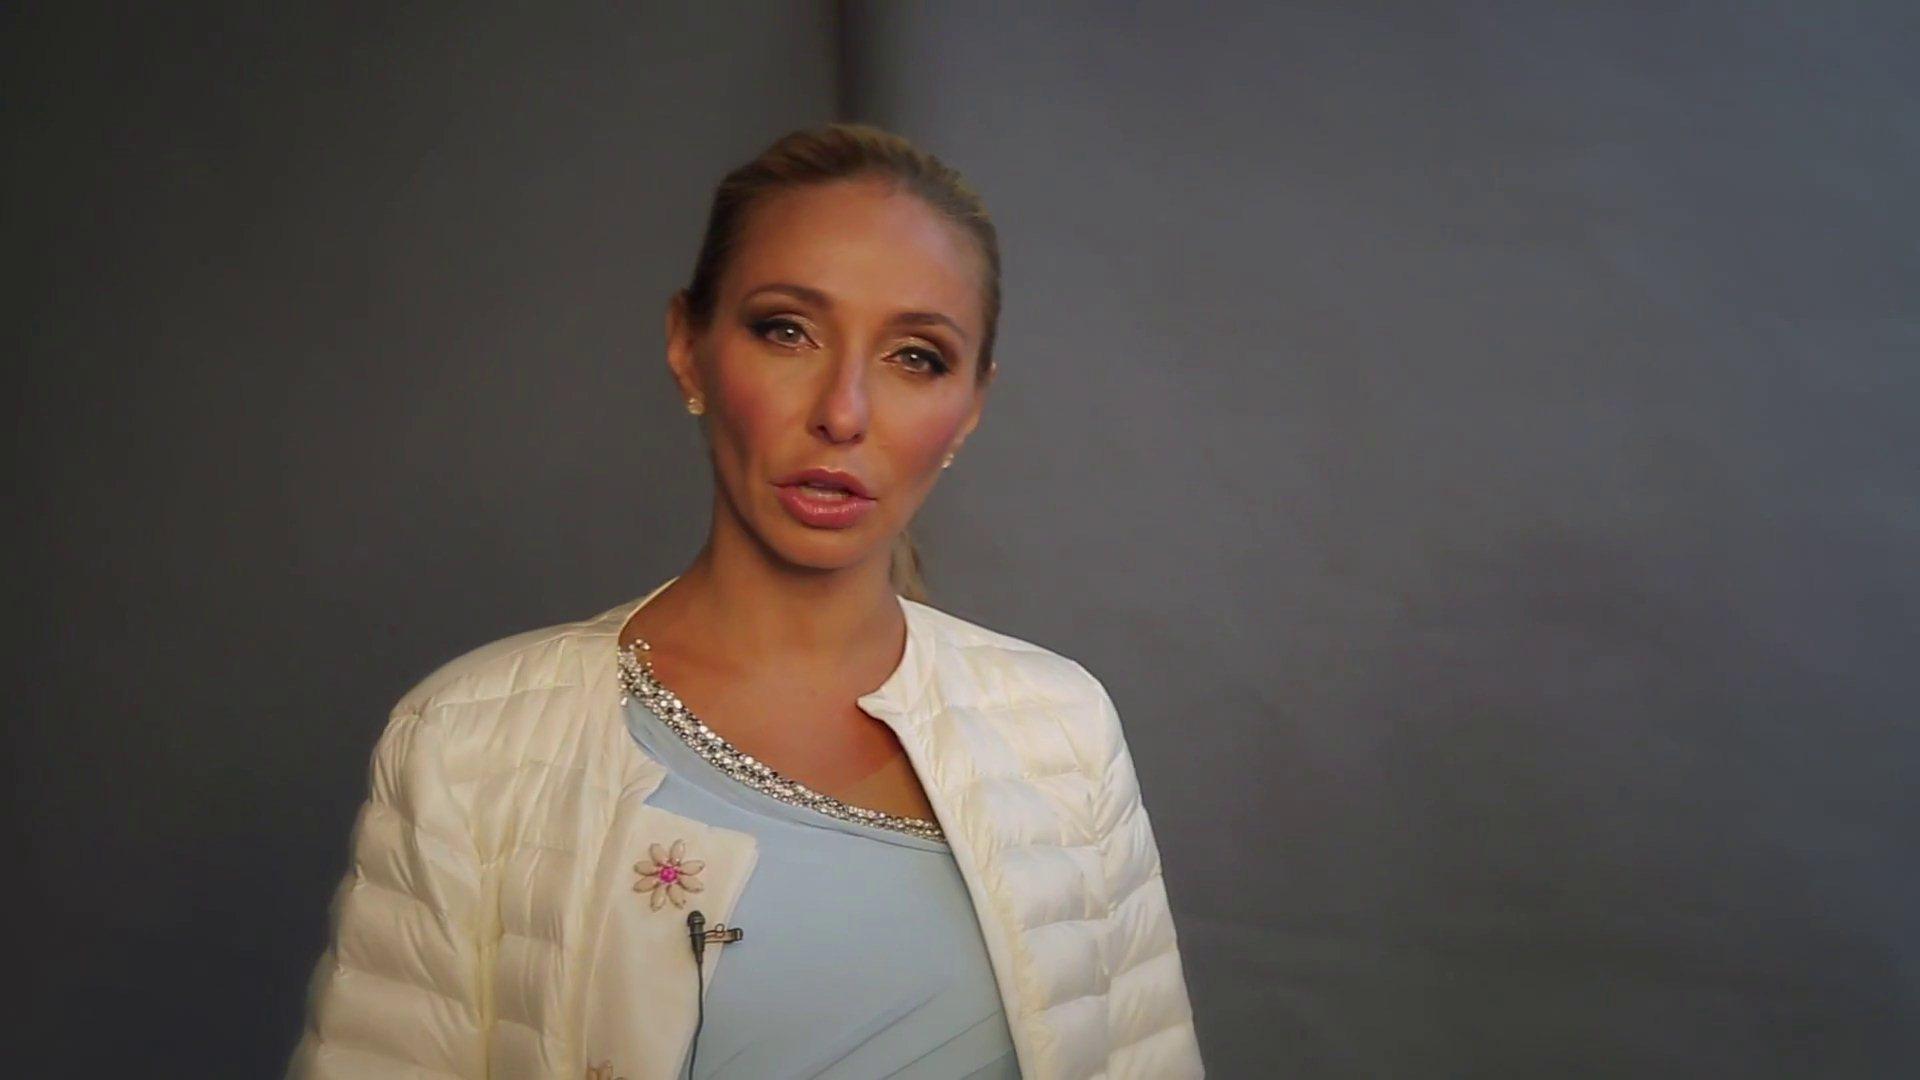 Татьяна Навка. Реклама, съемки, презентации - Страница 6 4571ad1d3708